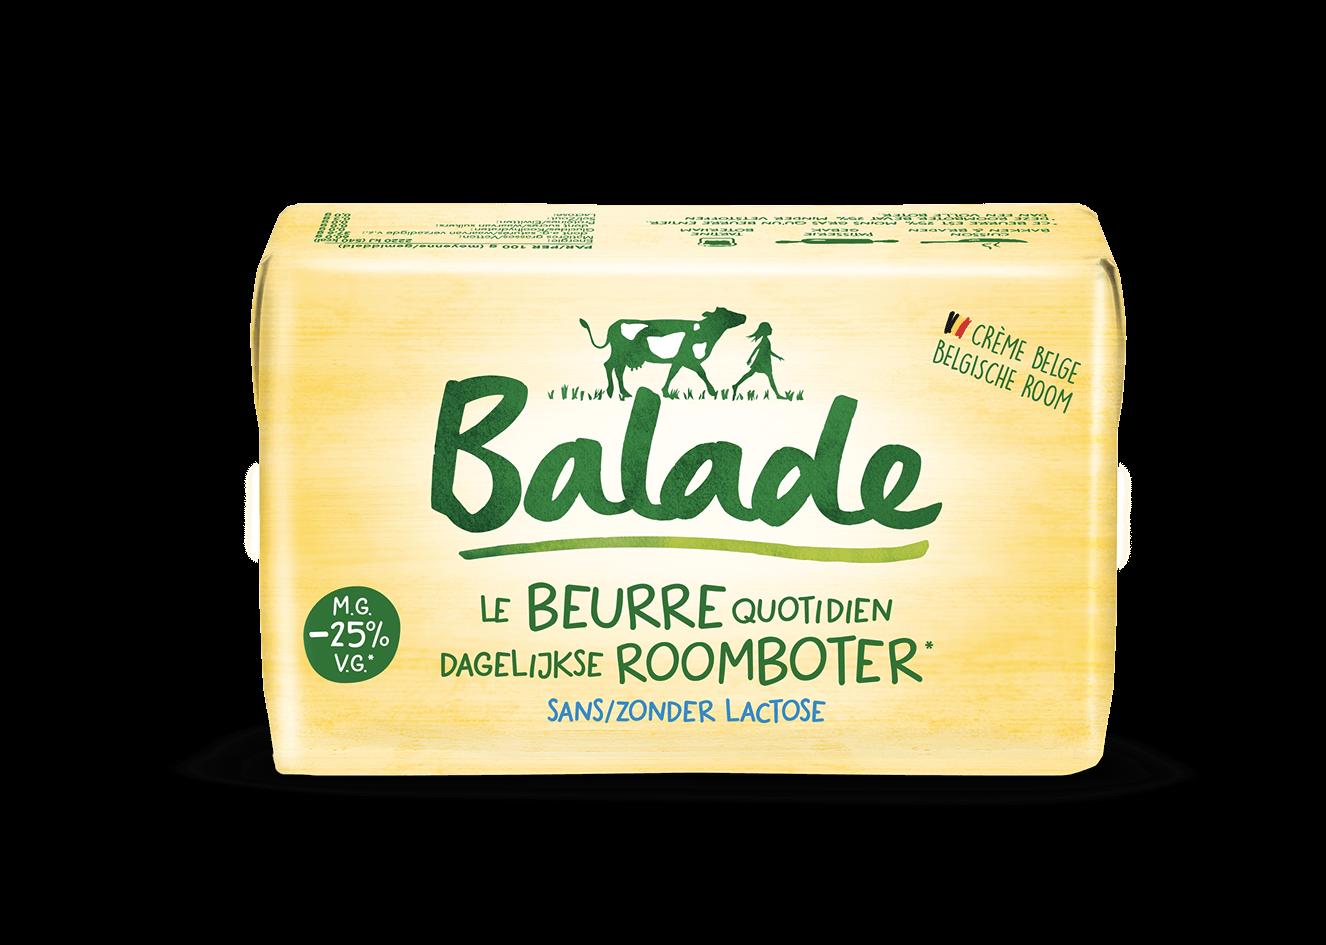 Le plaisir du beurre sans lactose